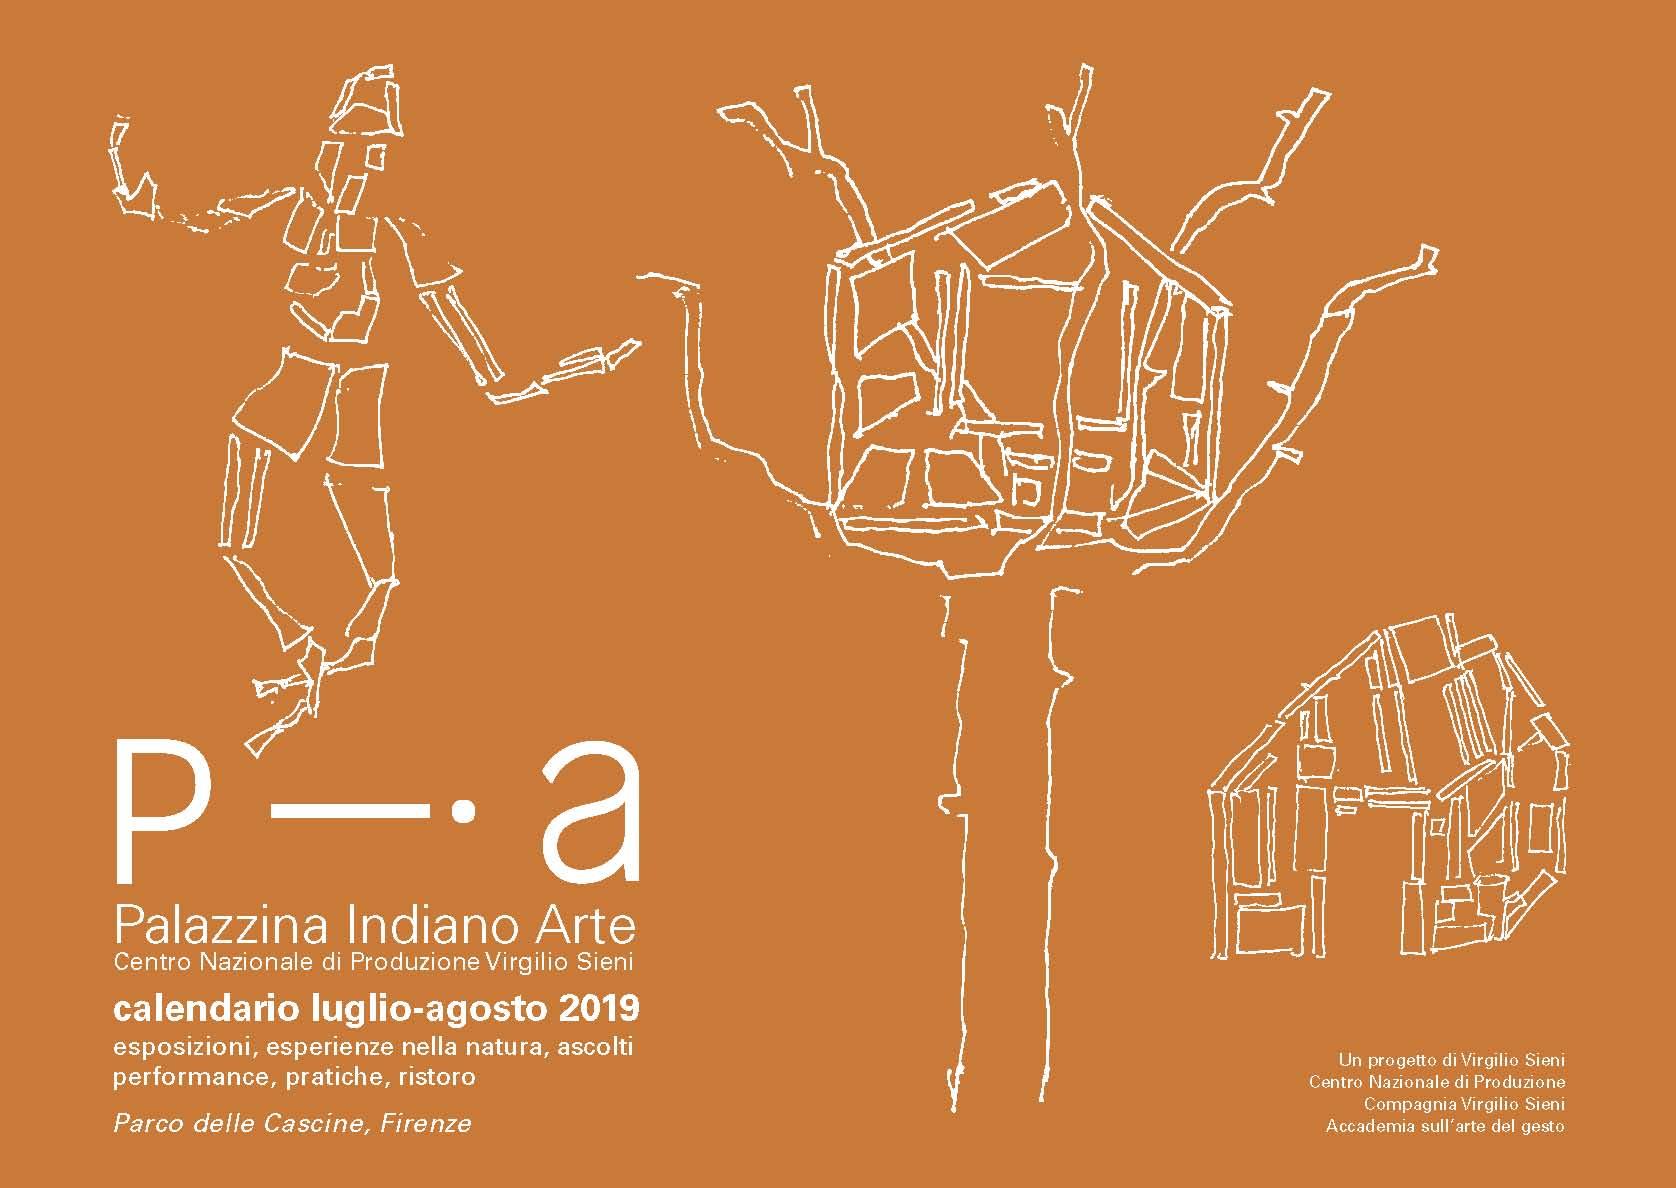 Pagina Calendario Agosto 2019.Pia Palazzina Indiano Arte Programma Luglio Agosto 2019